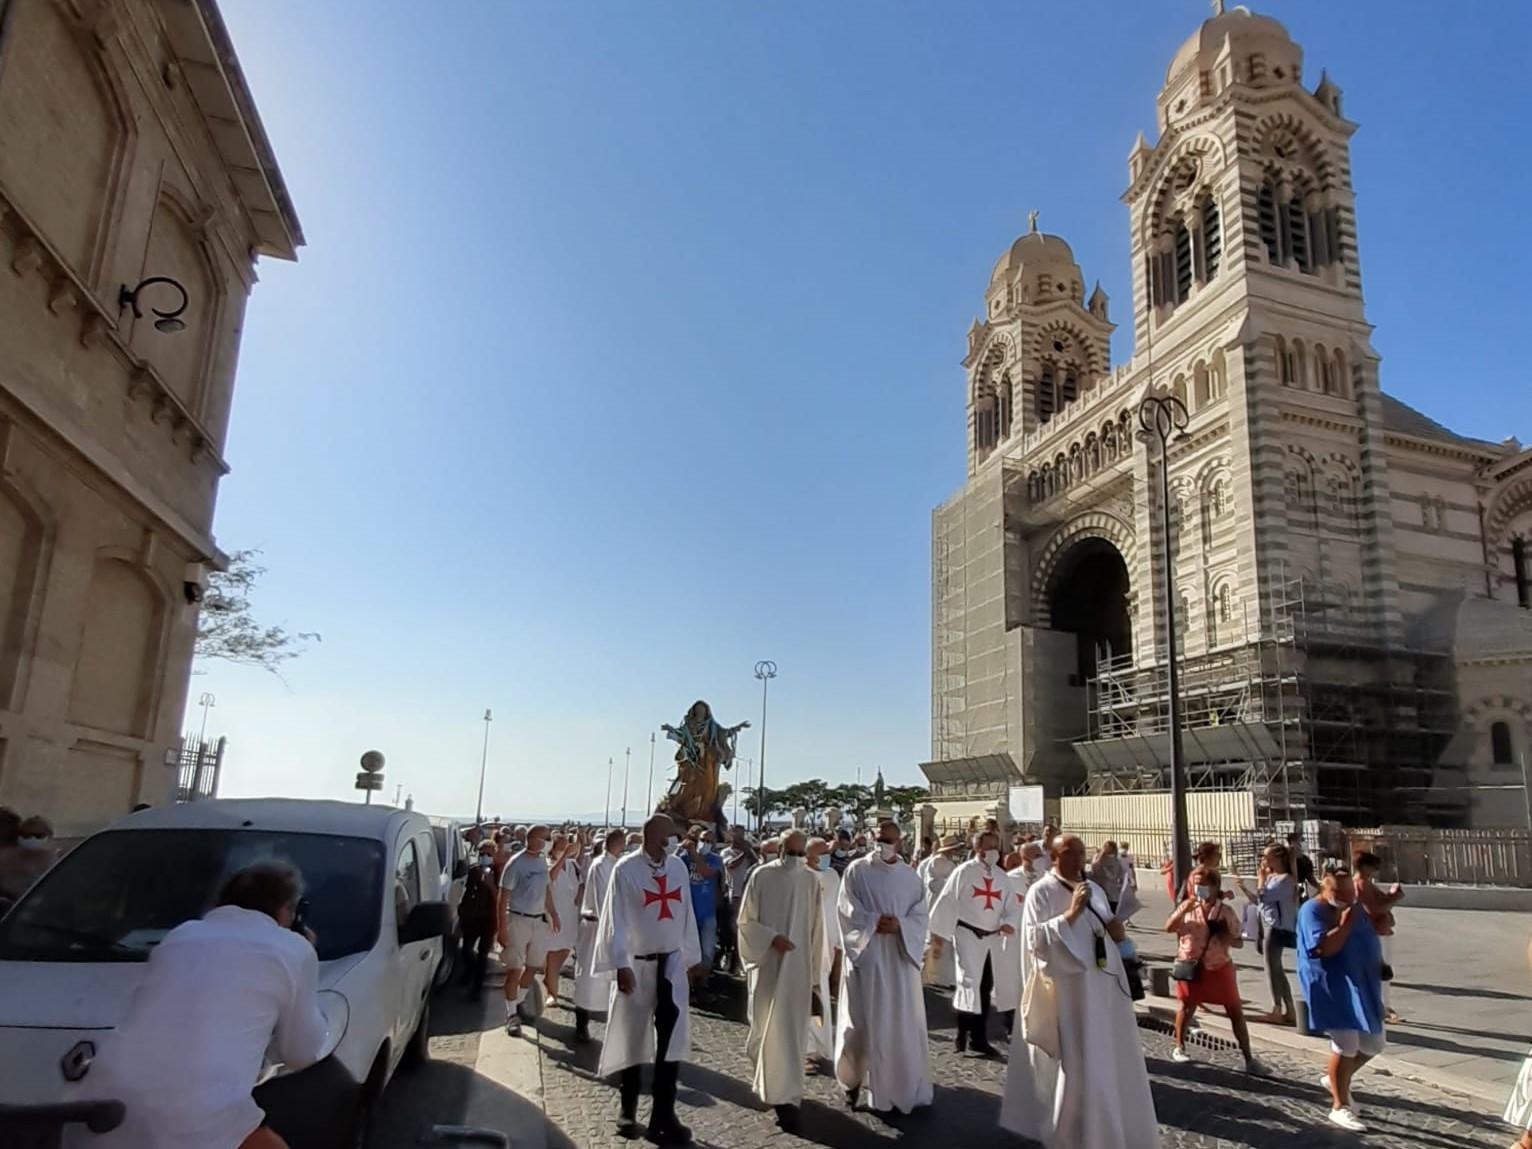 Les Templiers catholiques de France participent à la traditionnelle procession pour la fête de l'Assomption de la Vierge Marie à Marseille